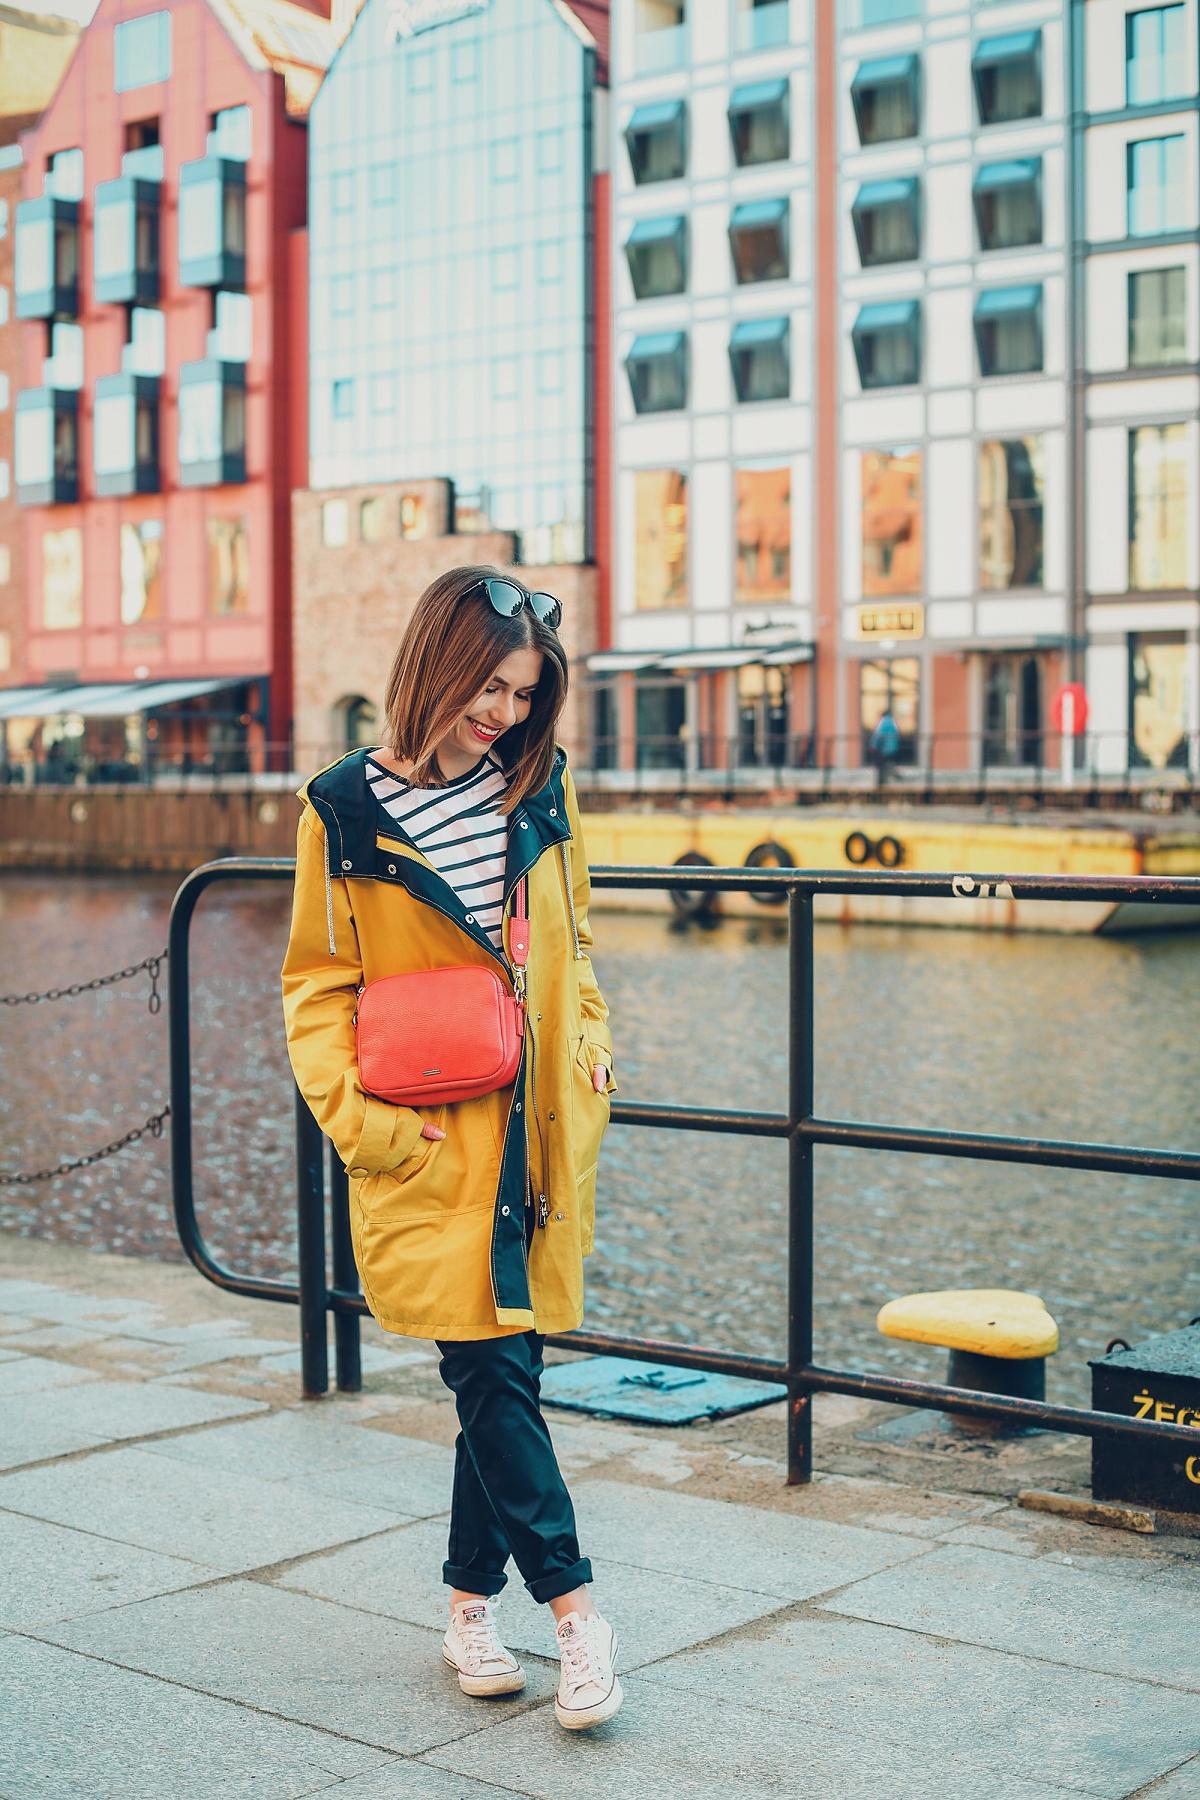 żółty sztormiak przeciwdeszczowy płaszcz sesja marynistyczna blog modowy